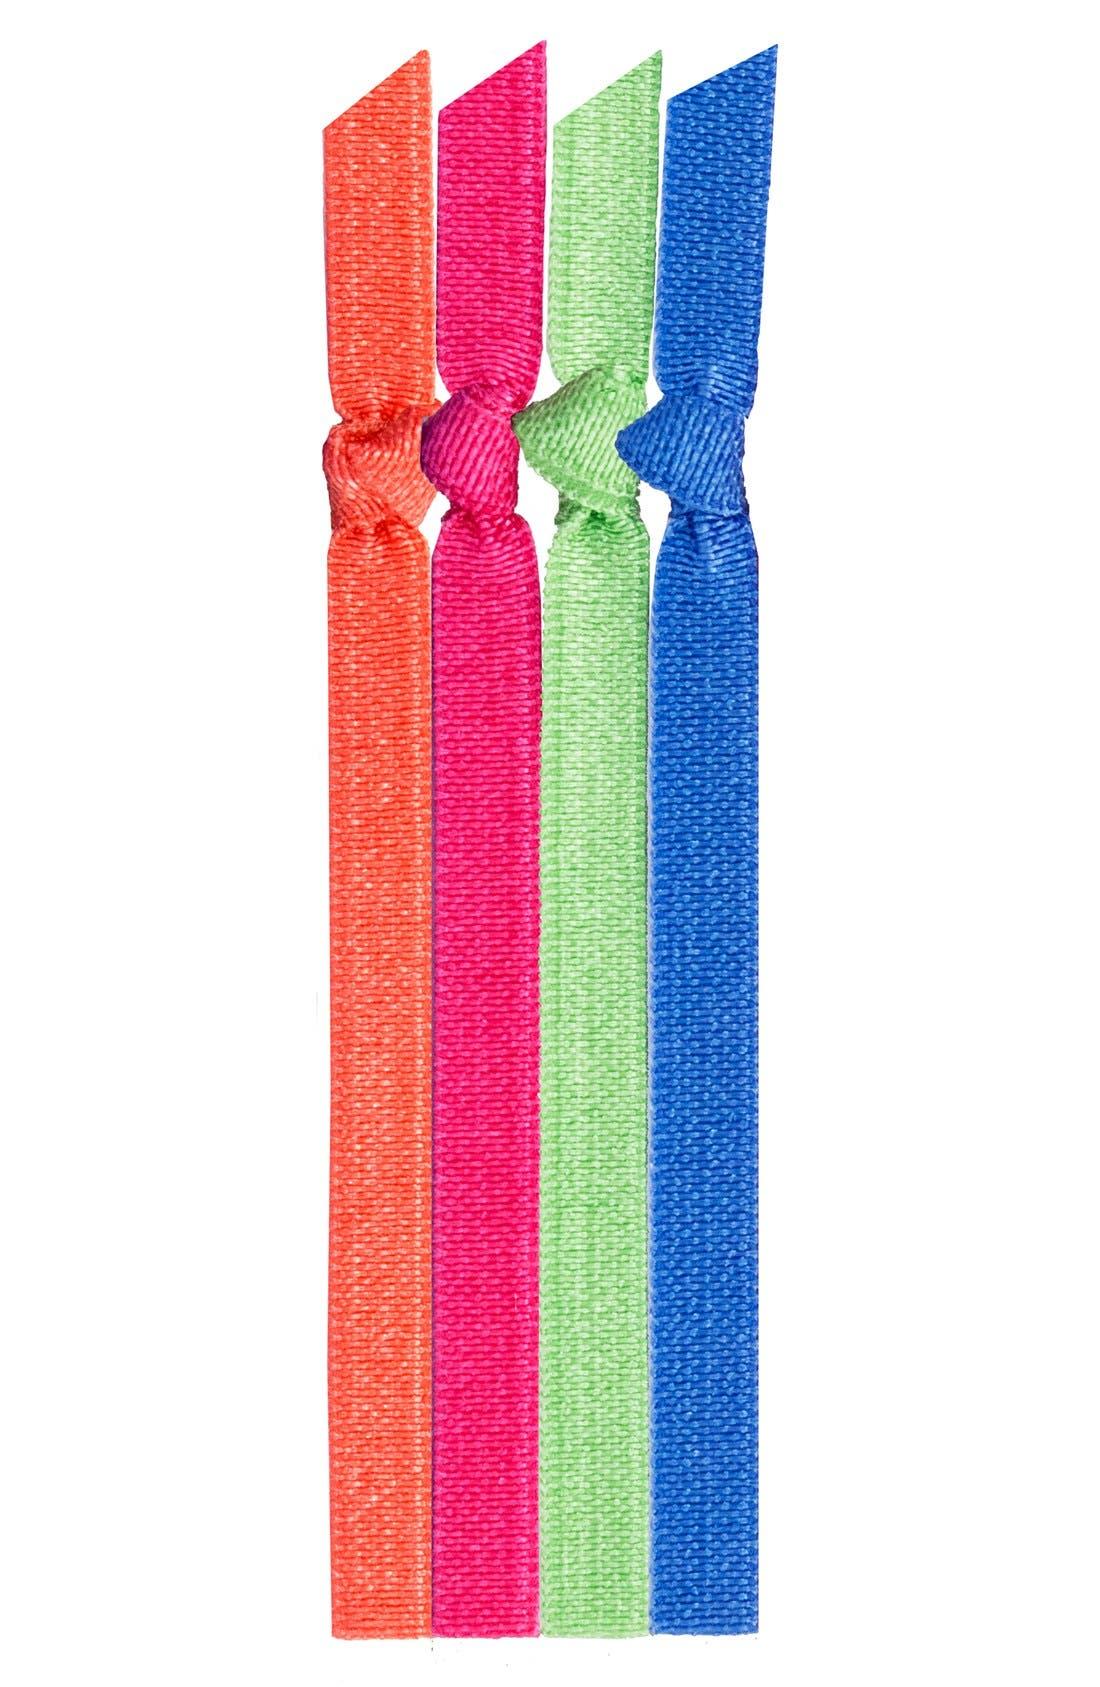 Alternate Image 1 Selected - Emi-Jay 'Sweet Tart' Skinny Hair Ties (4-Pack) (Buy 2, Get 1)